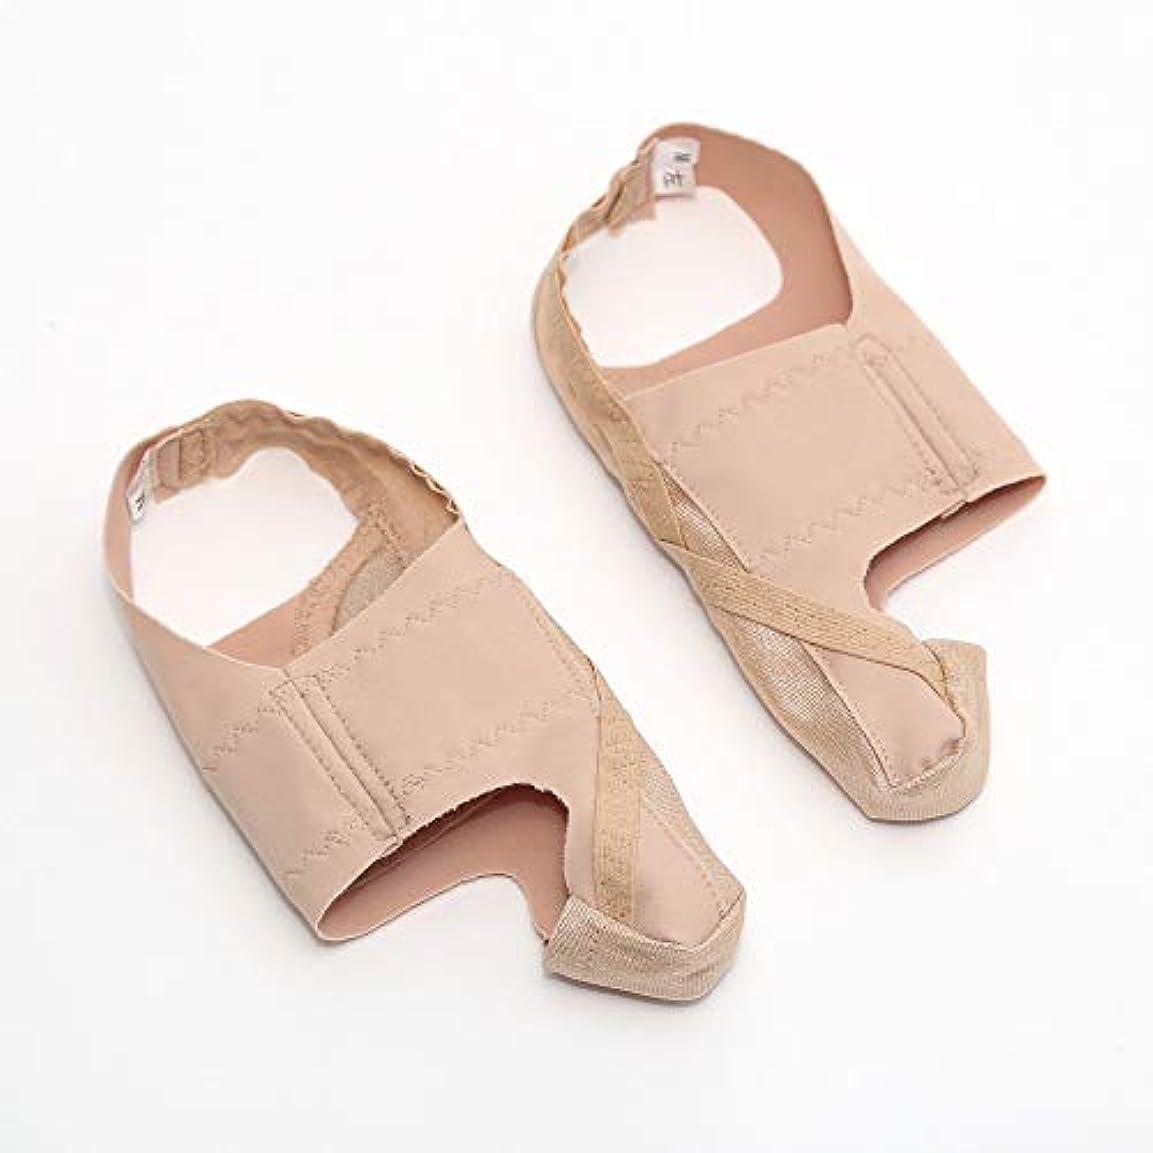 飽和する純度シリング靴も履けるんデス EX Mサイズ コエンザイムQ10 美容エッセンスマスク付セット